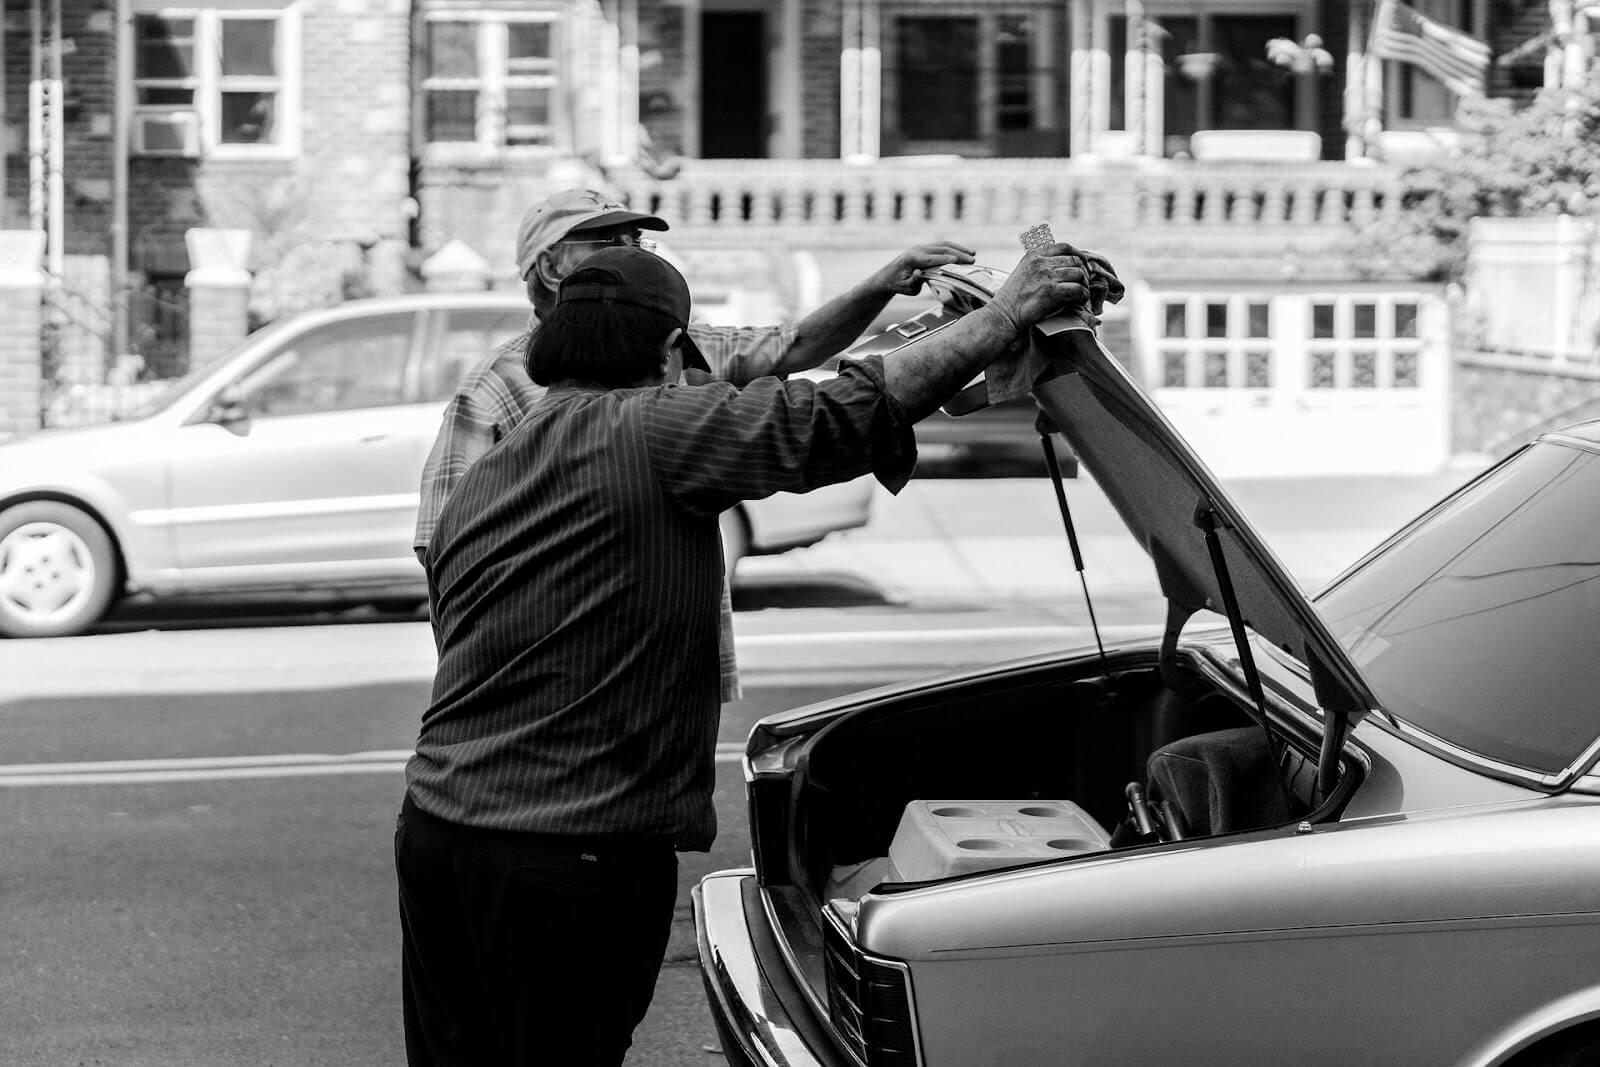 Imagem de duas pessoas verificando um carro que faz barulho quando aumenta a velocidade.